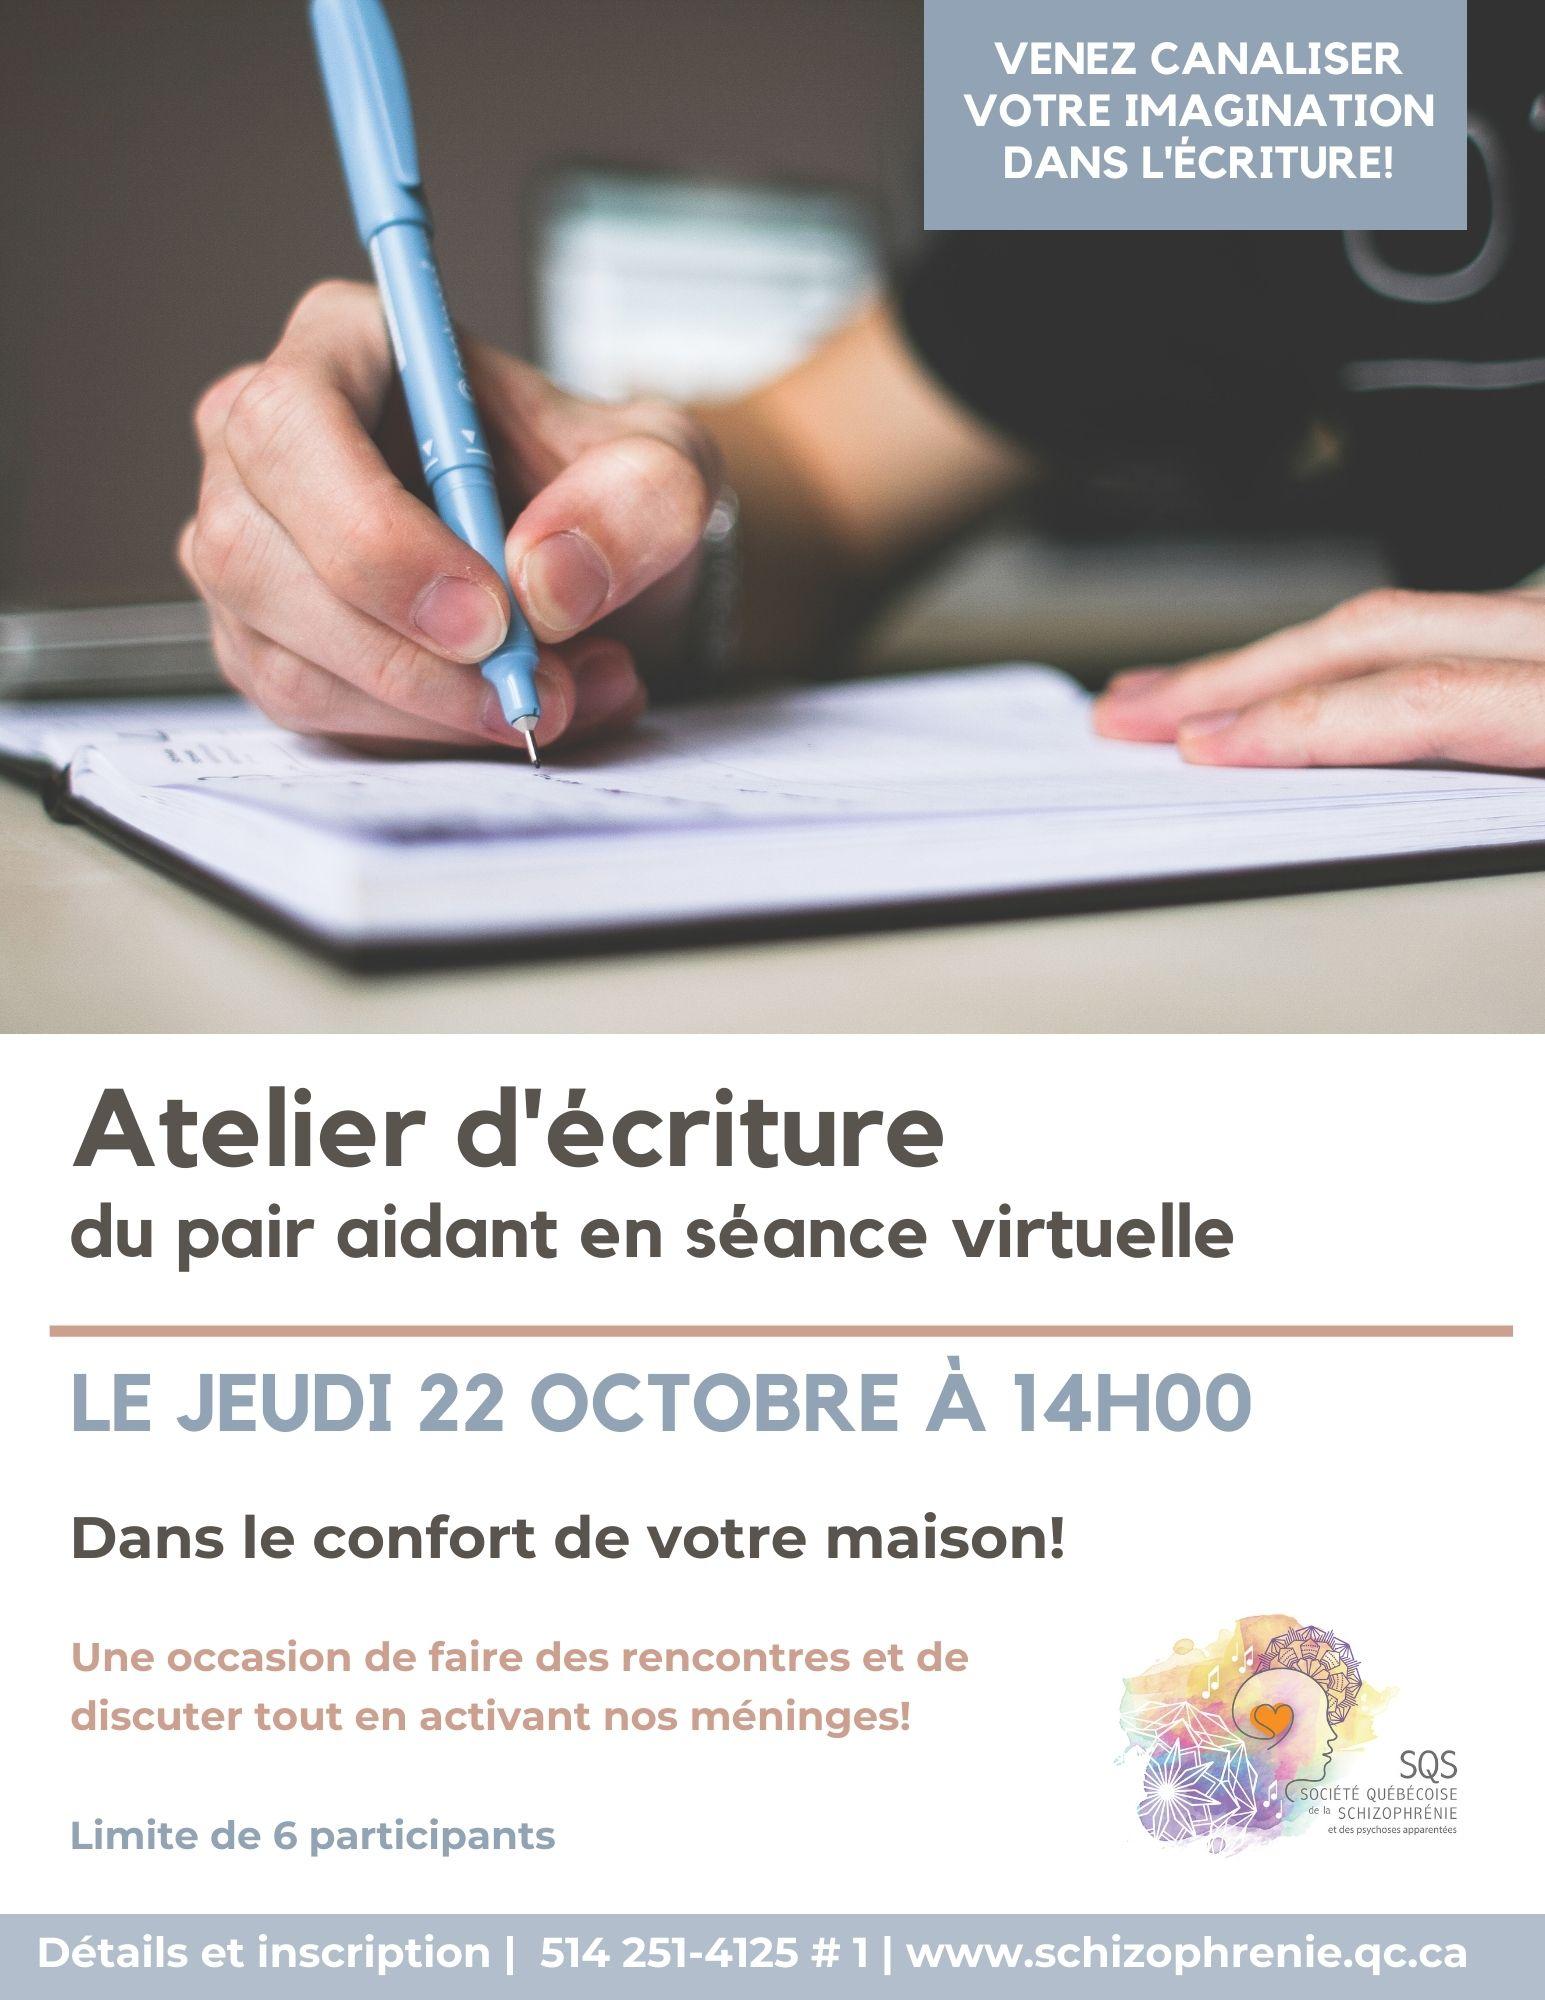 [Séance virtuelle] Atelier d'écriture - activités du pair aidant d'octobre